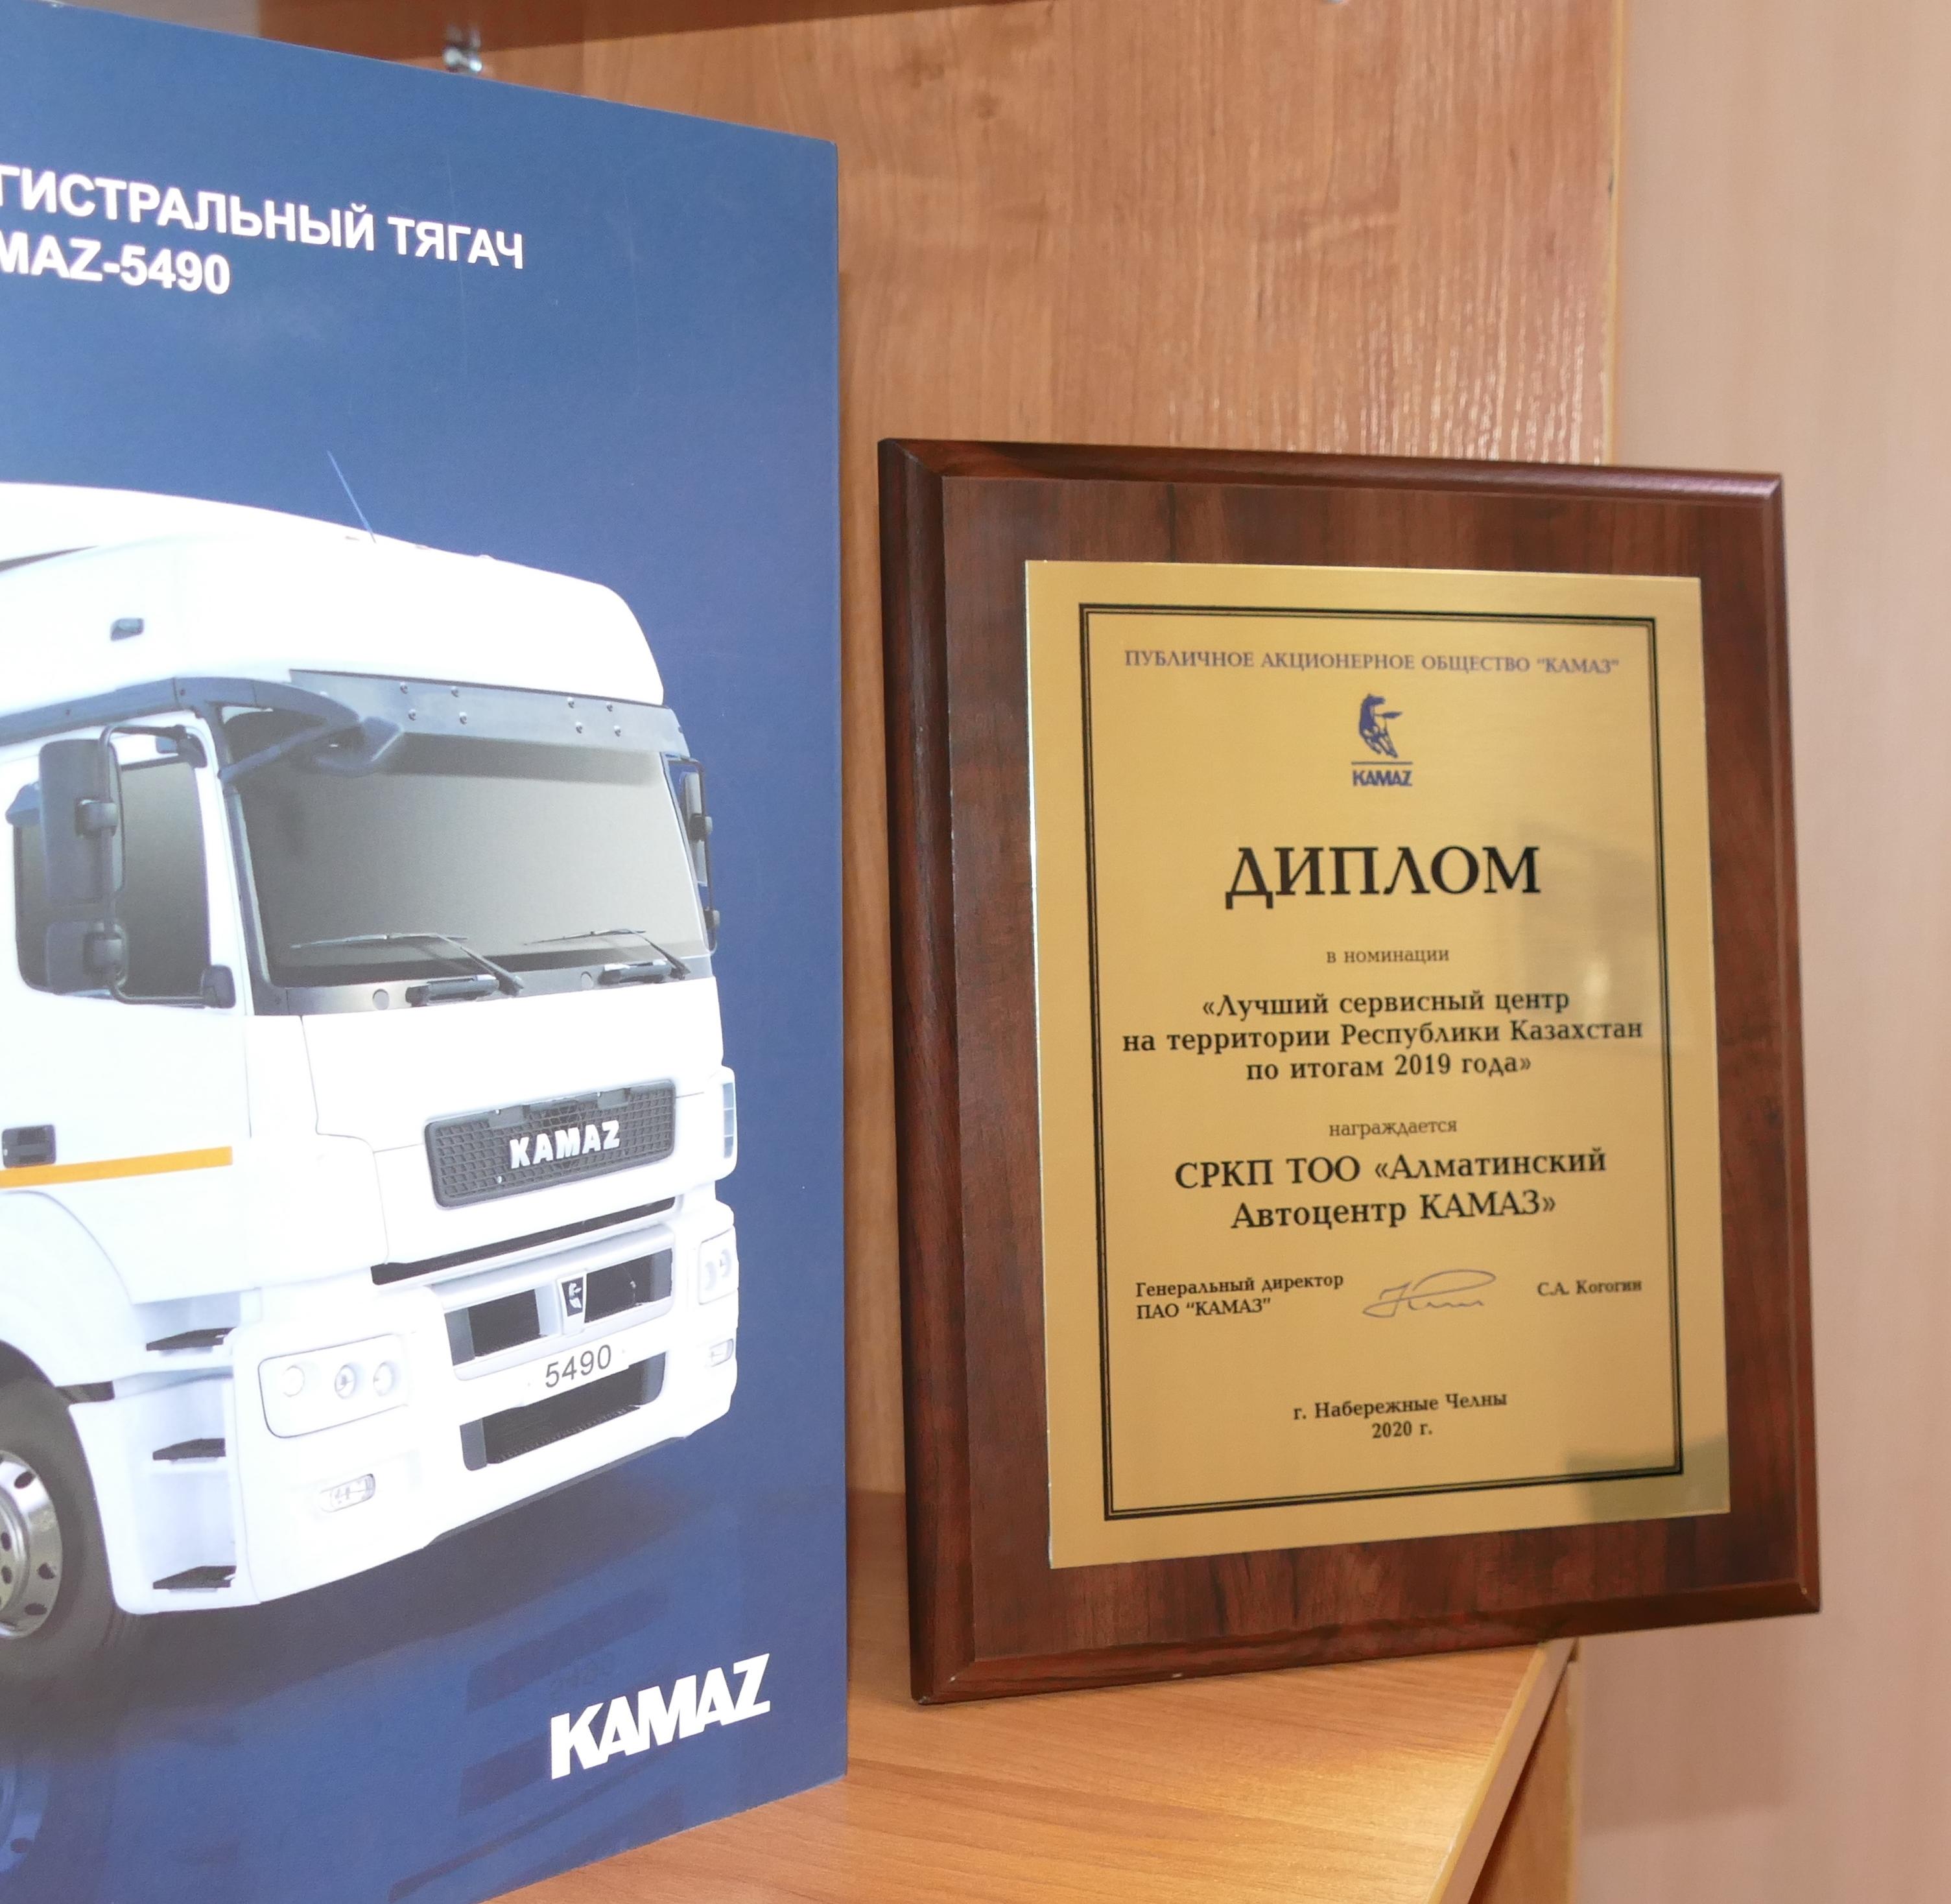 Лучший сервисный центр на территории Республики Казахстан